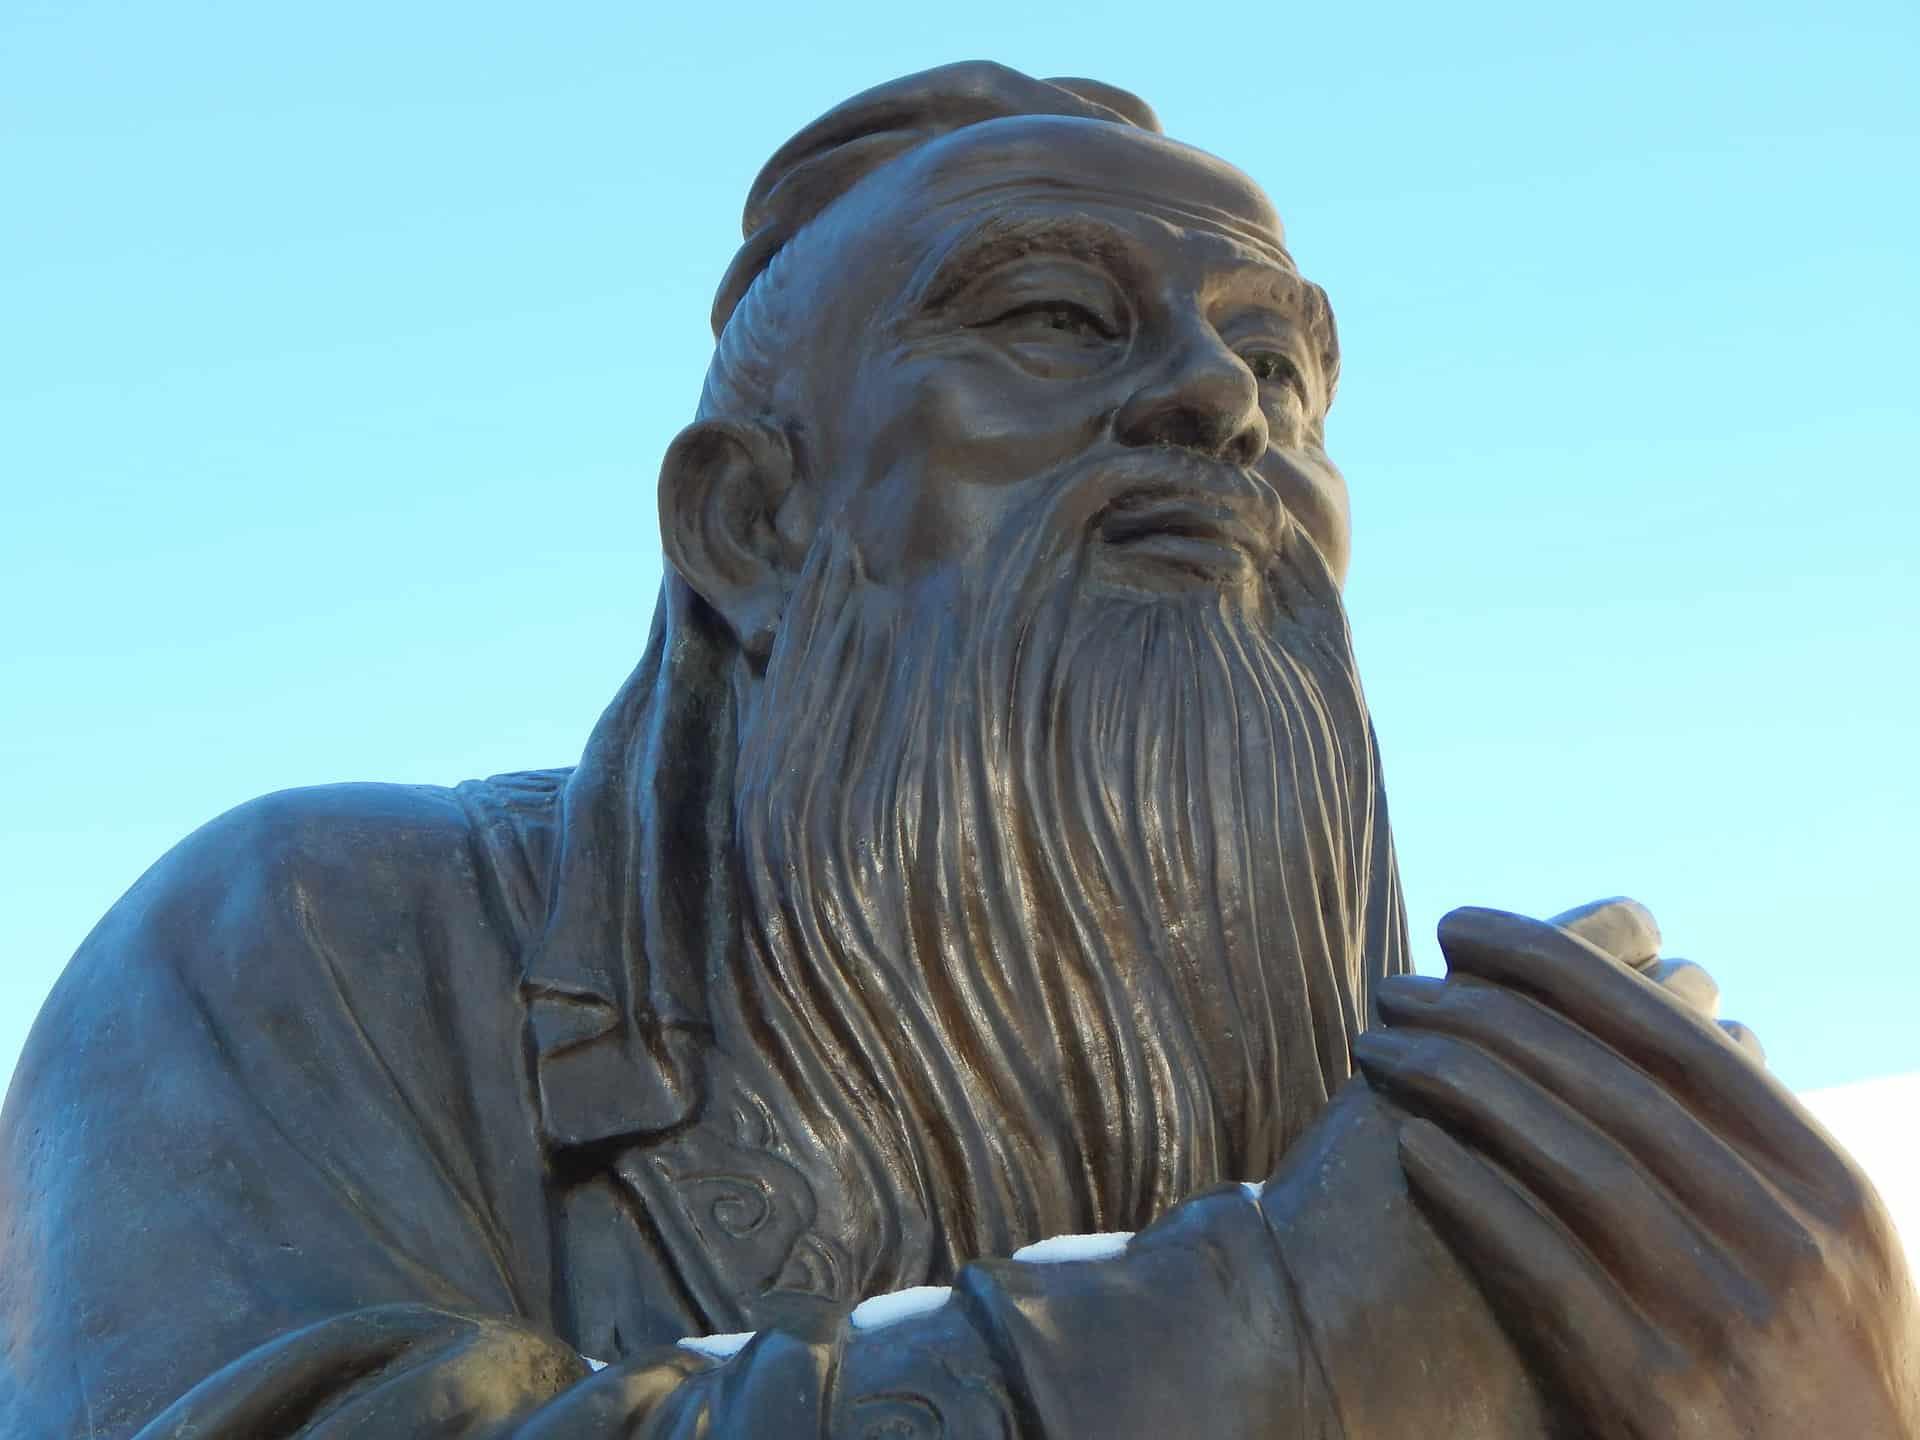 confucius chinese philosopher statue